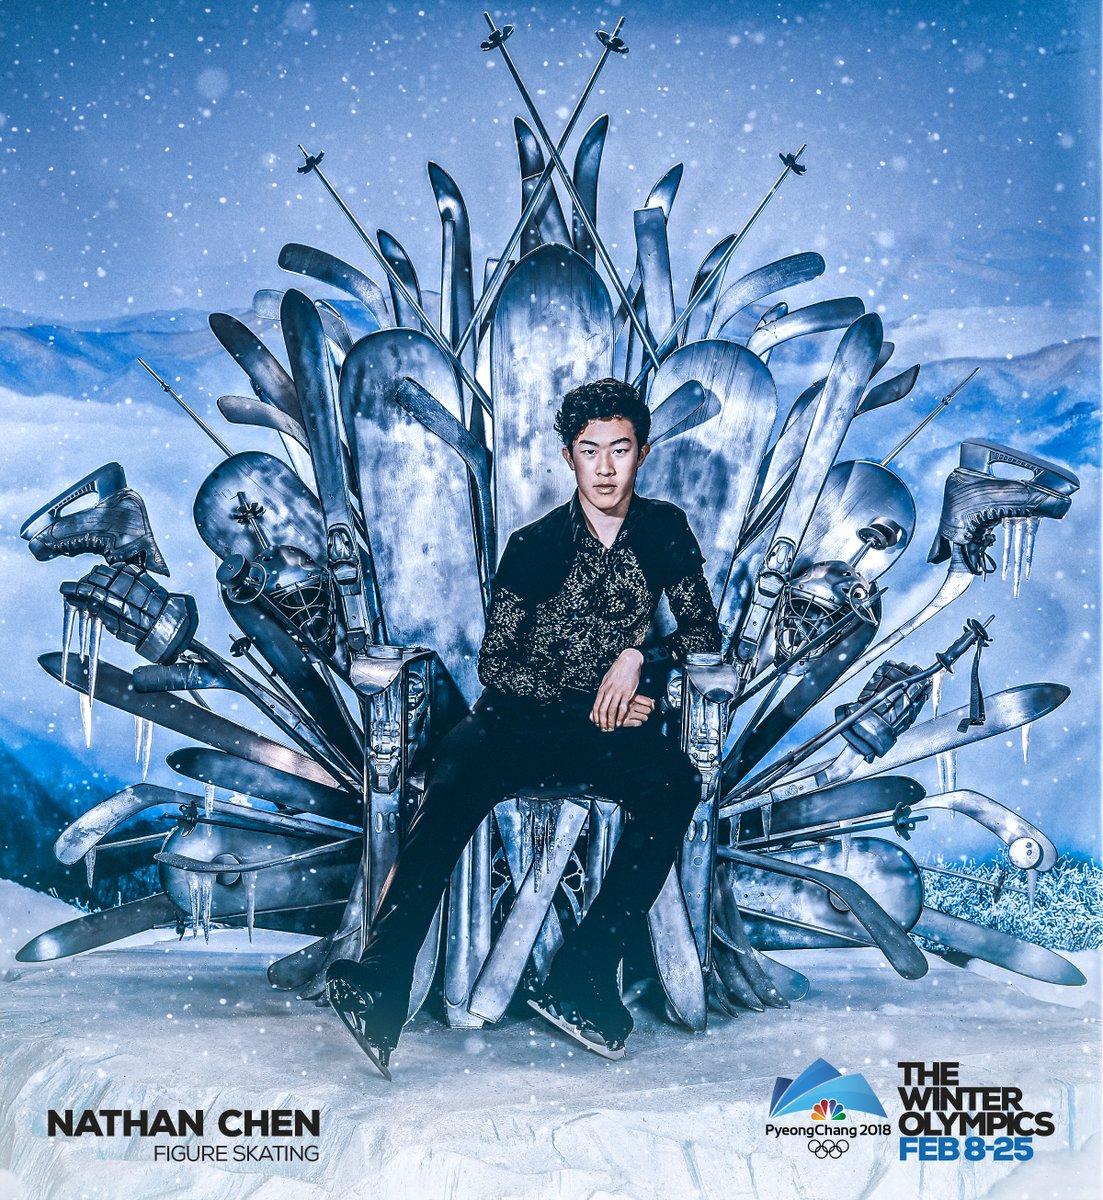 ネイサン・チェンのオリンピック広告ポスターが貫禄ある王者の風格